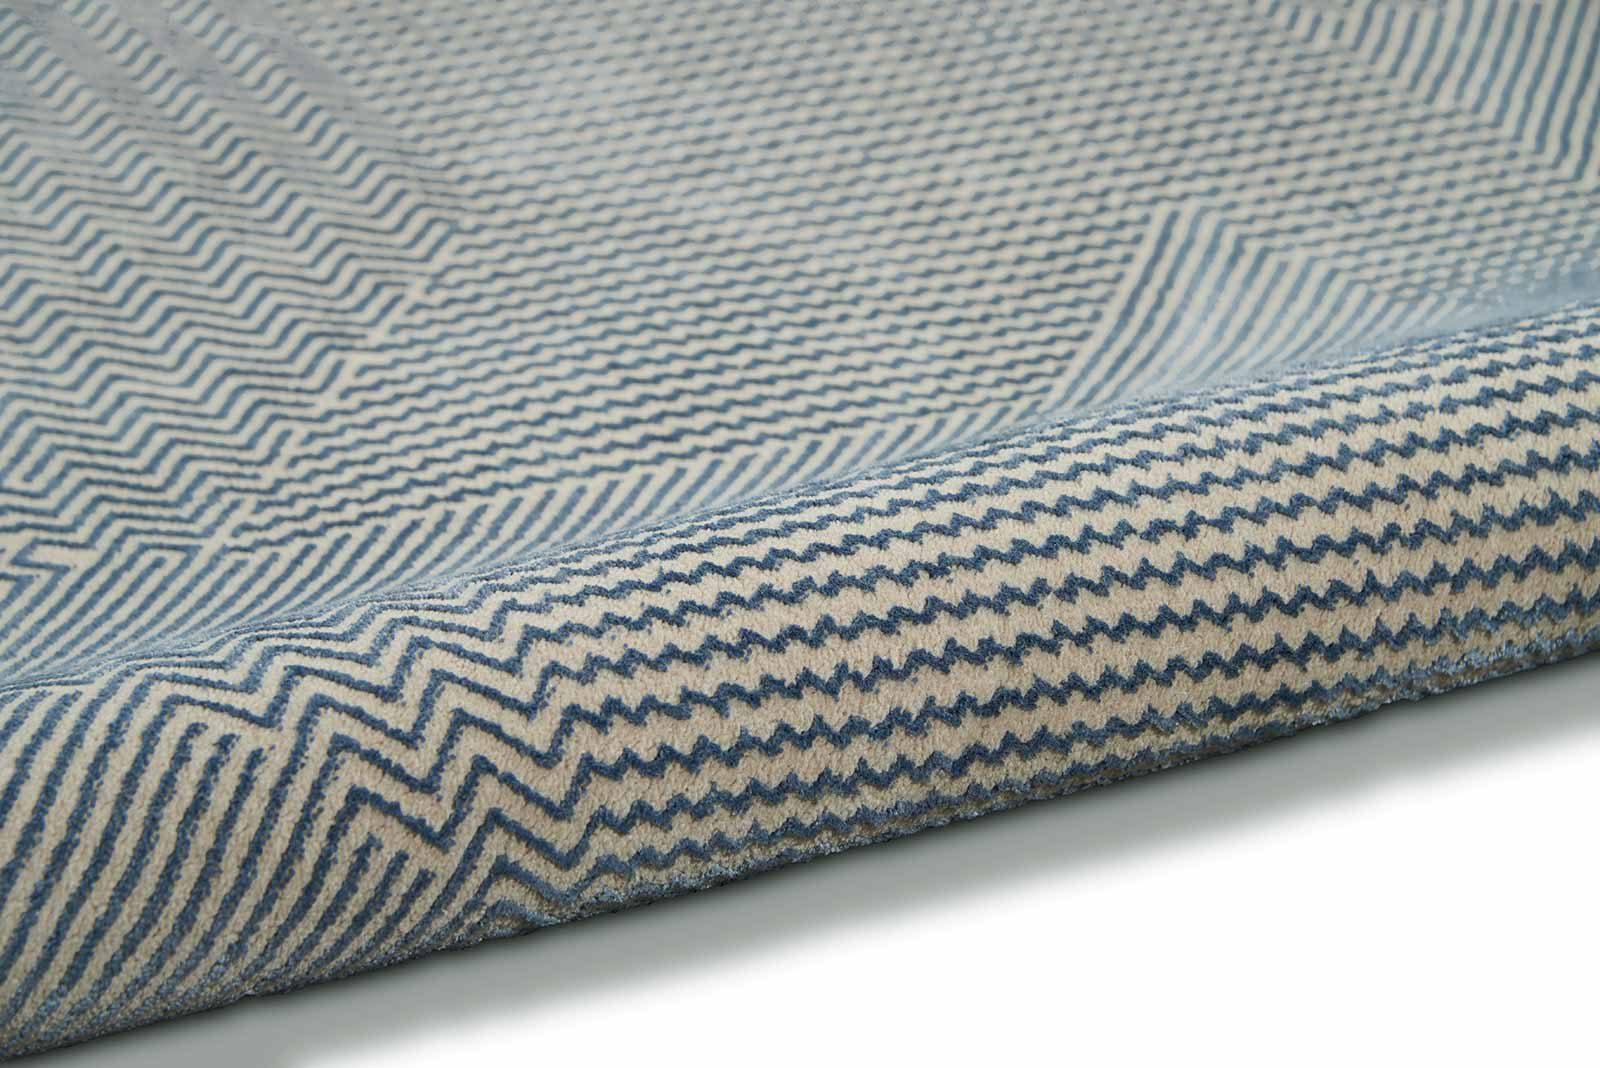 Calvin Klein rug Orlando CK850 CK852 GREY BLUE 2x8 099446488169 tx1